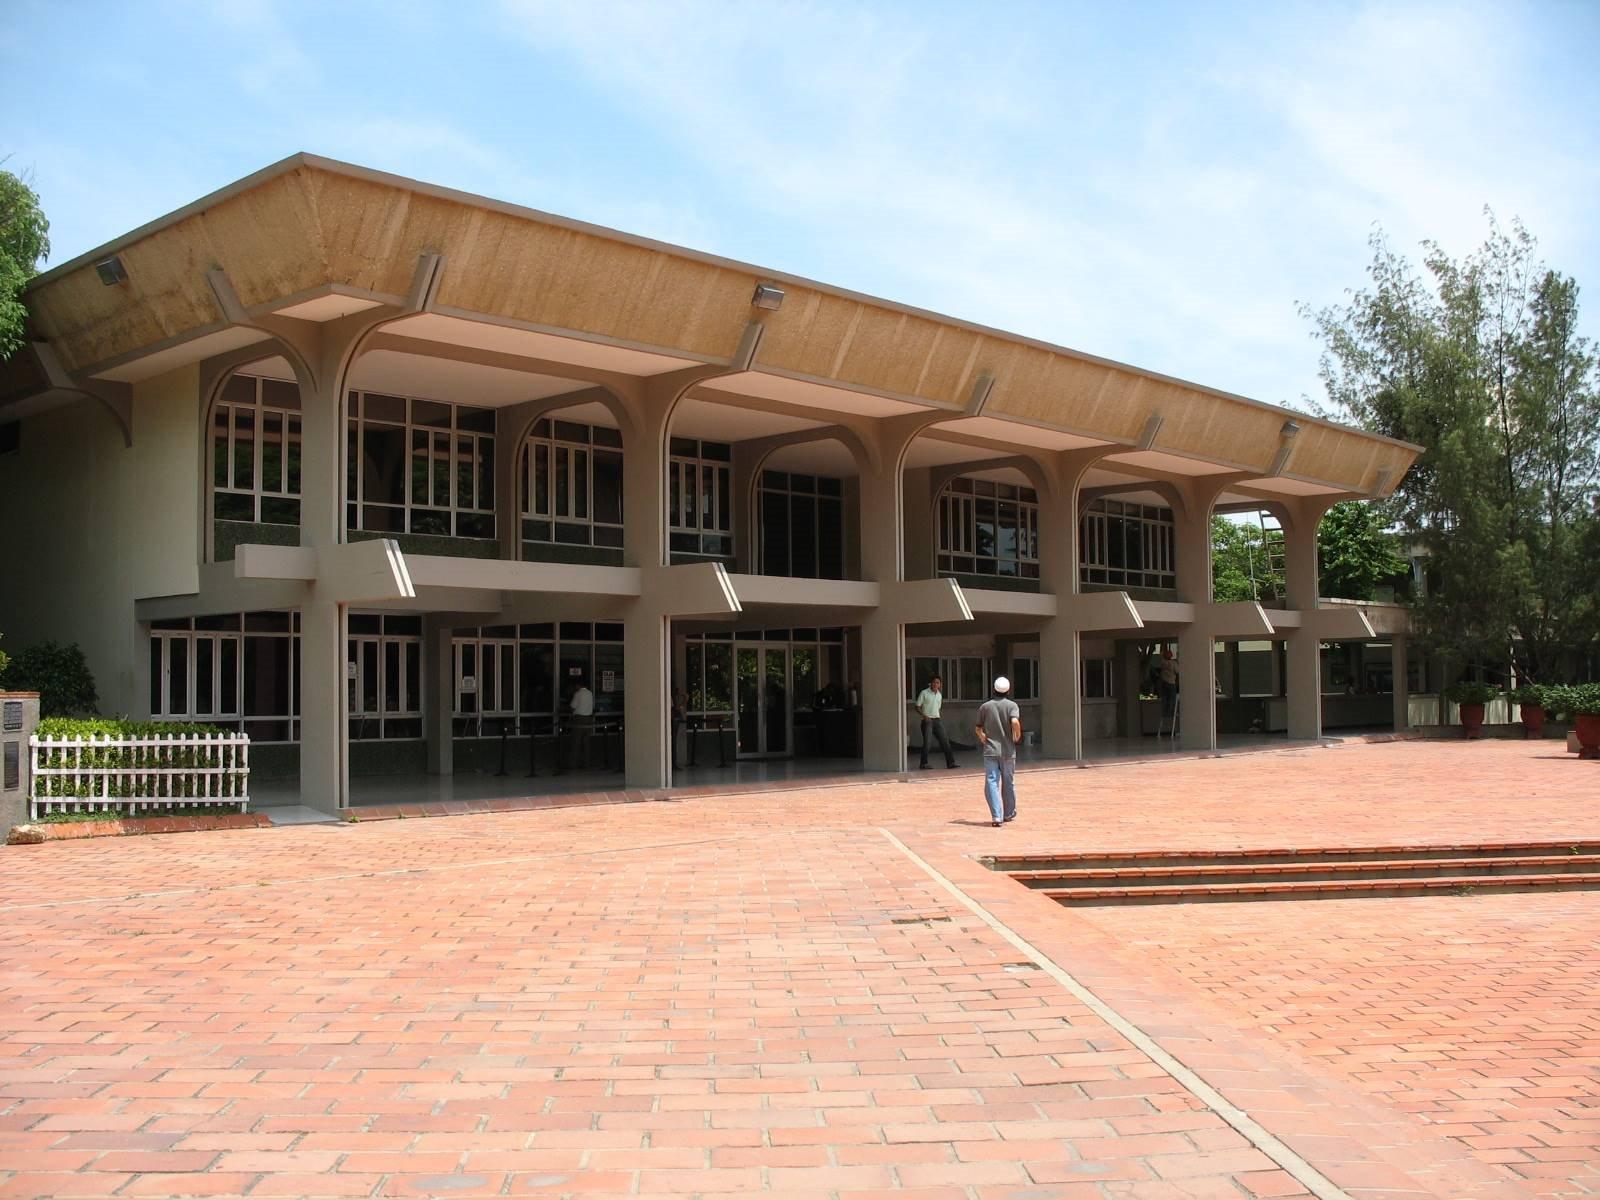 Archivo:Barranquilla - Universidad del Norte.jpg - Wikipedia, la ...